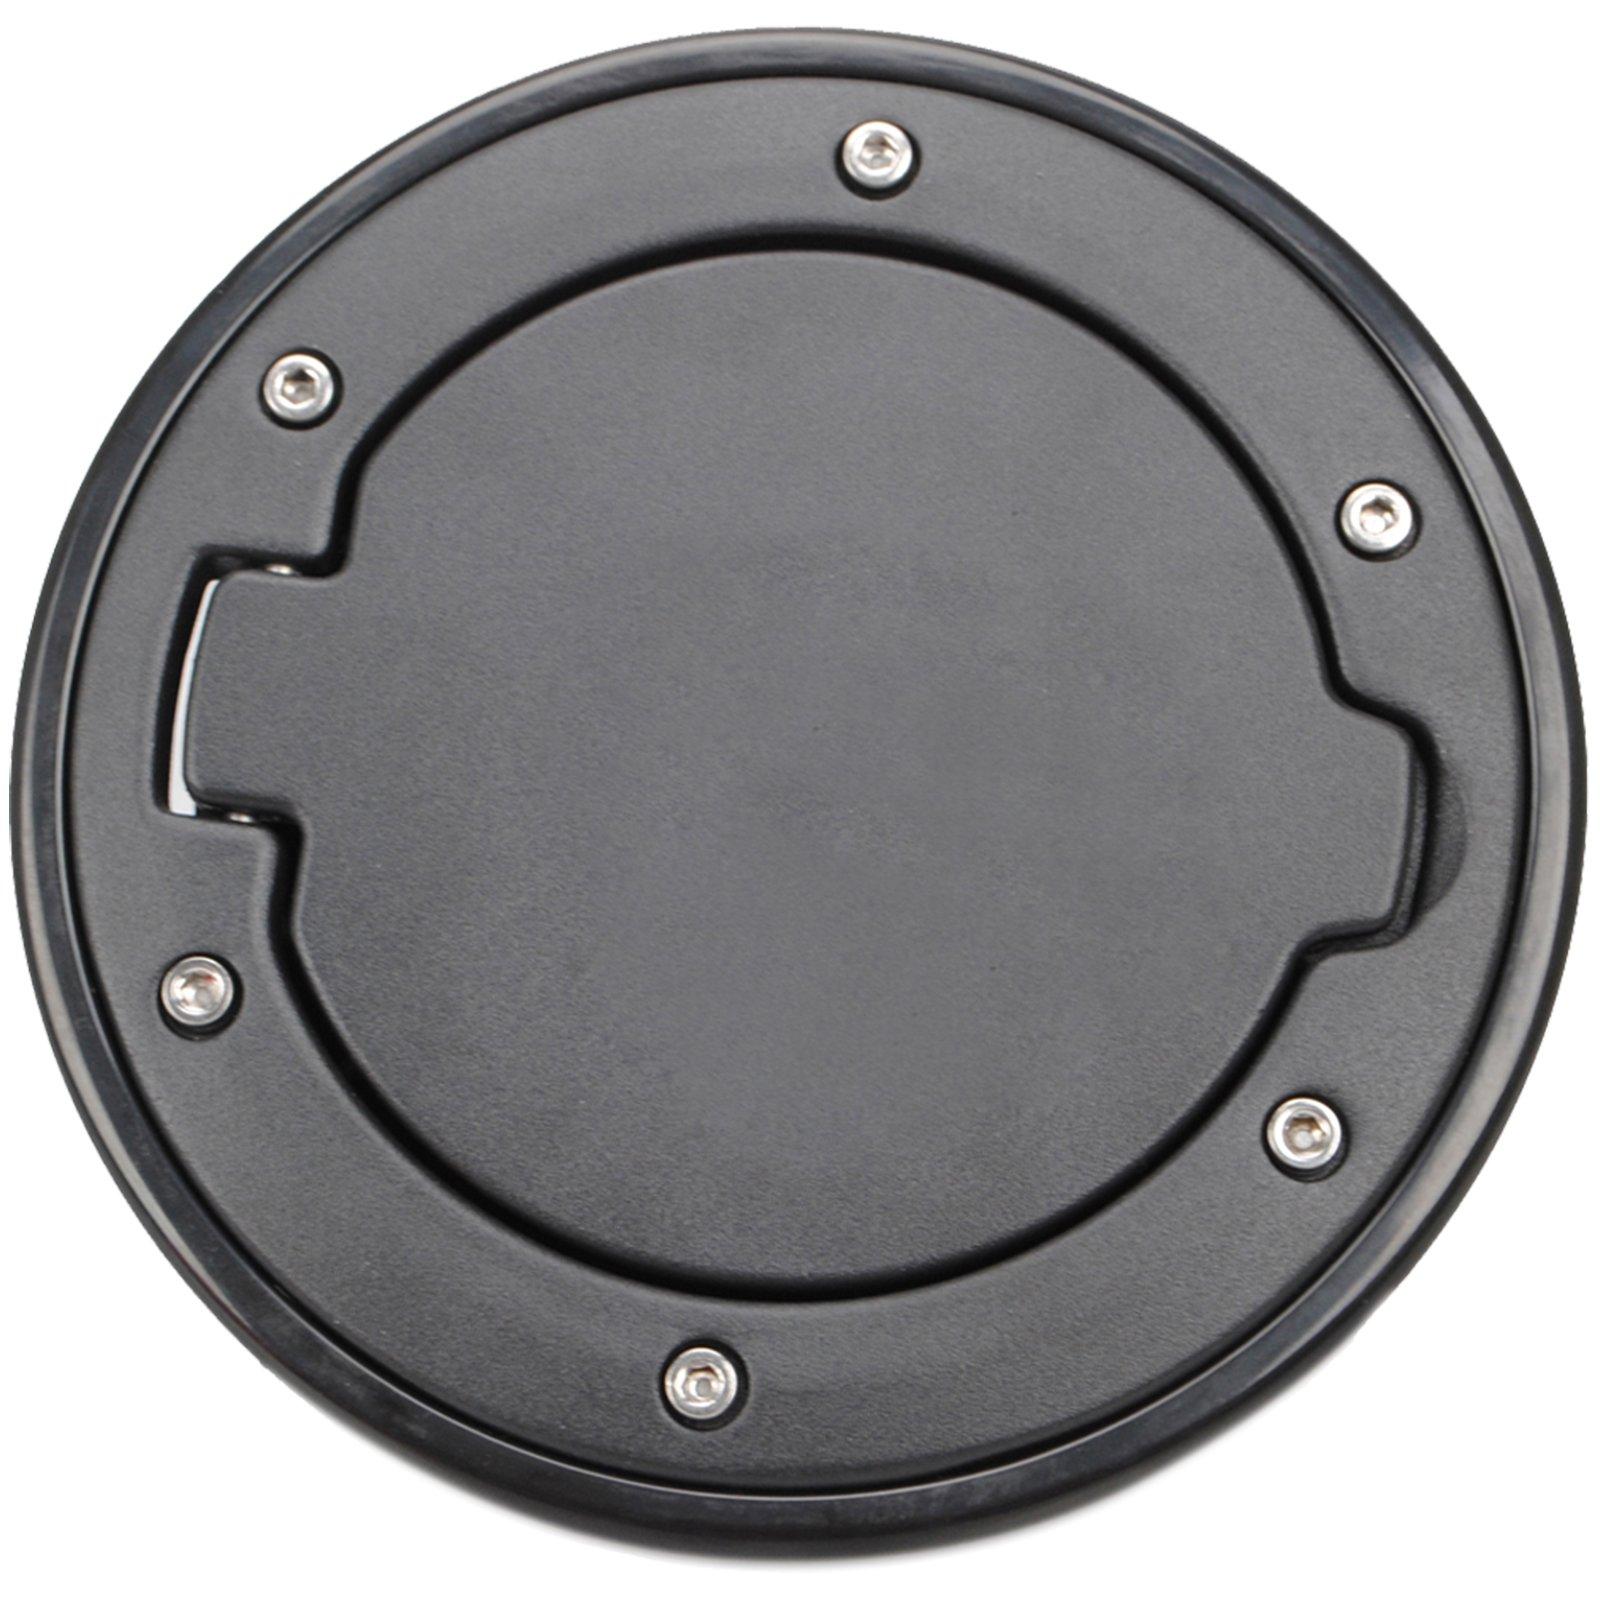 Ogrmar Fuel Filler Door Cover Gas Tank Cap for 2007-2015 Jeep Wrangler JK & Unlimited 2/4 Door (Black)